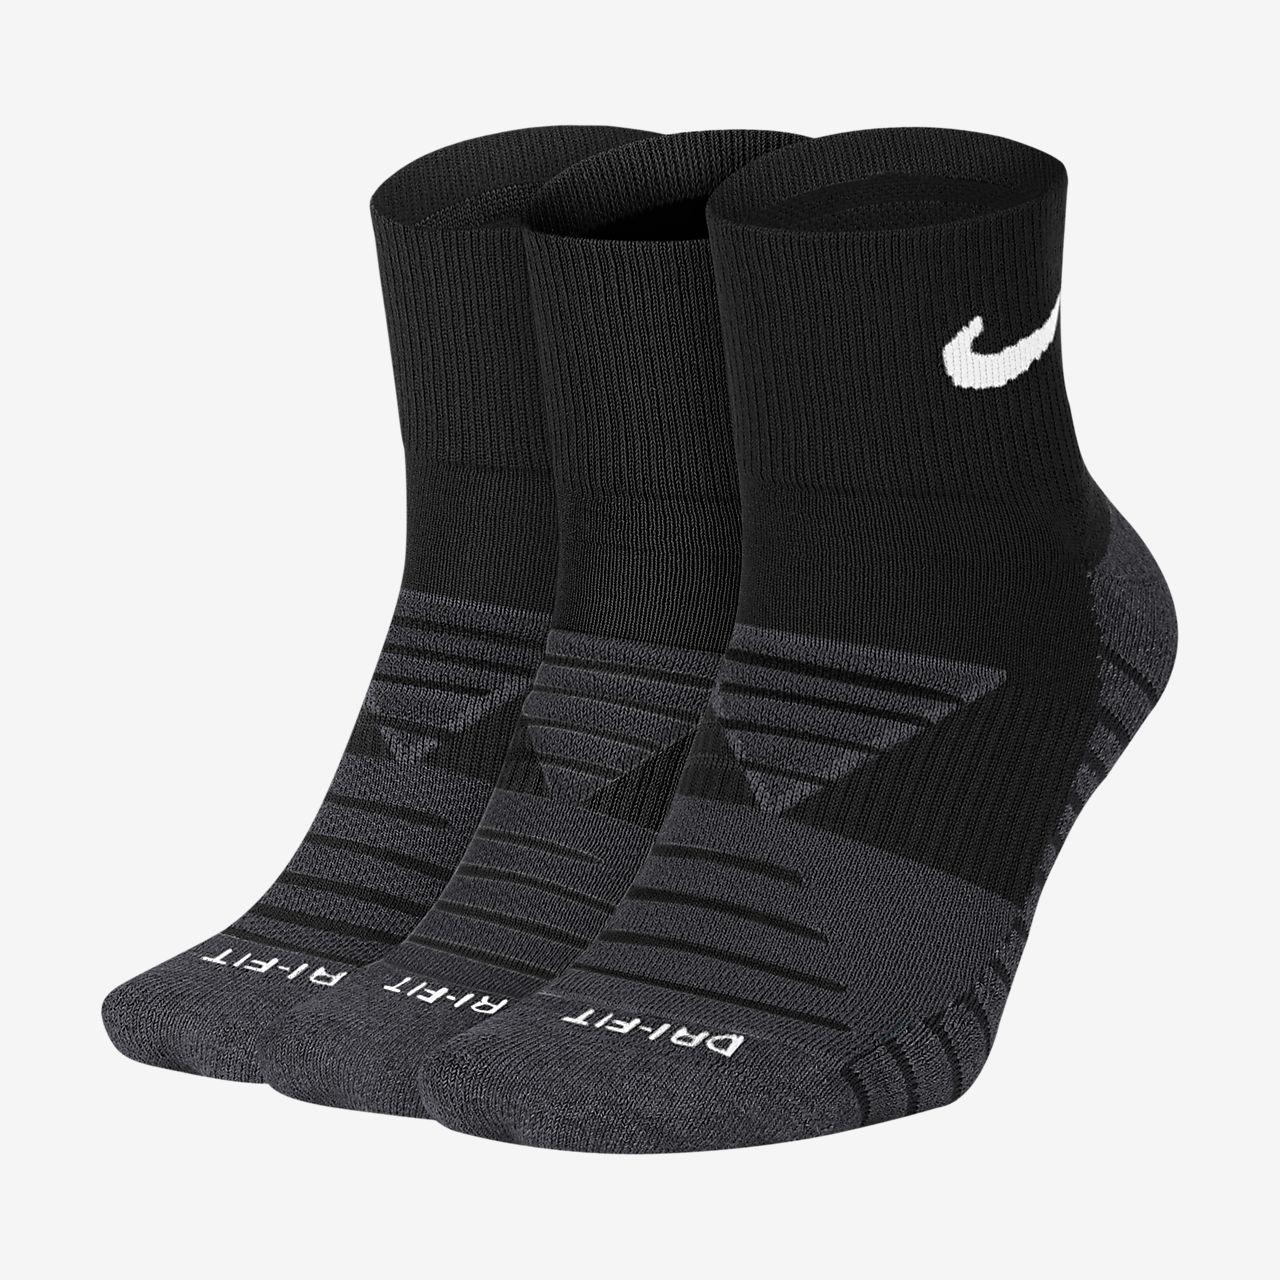 Calze da training alla caviglia Nike Everyday Max Cushioned (3 paia)